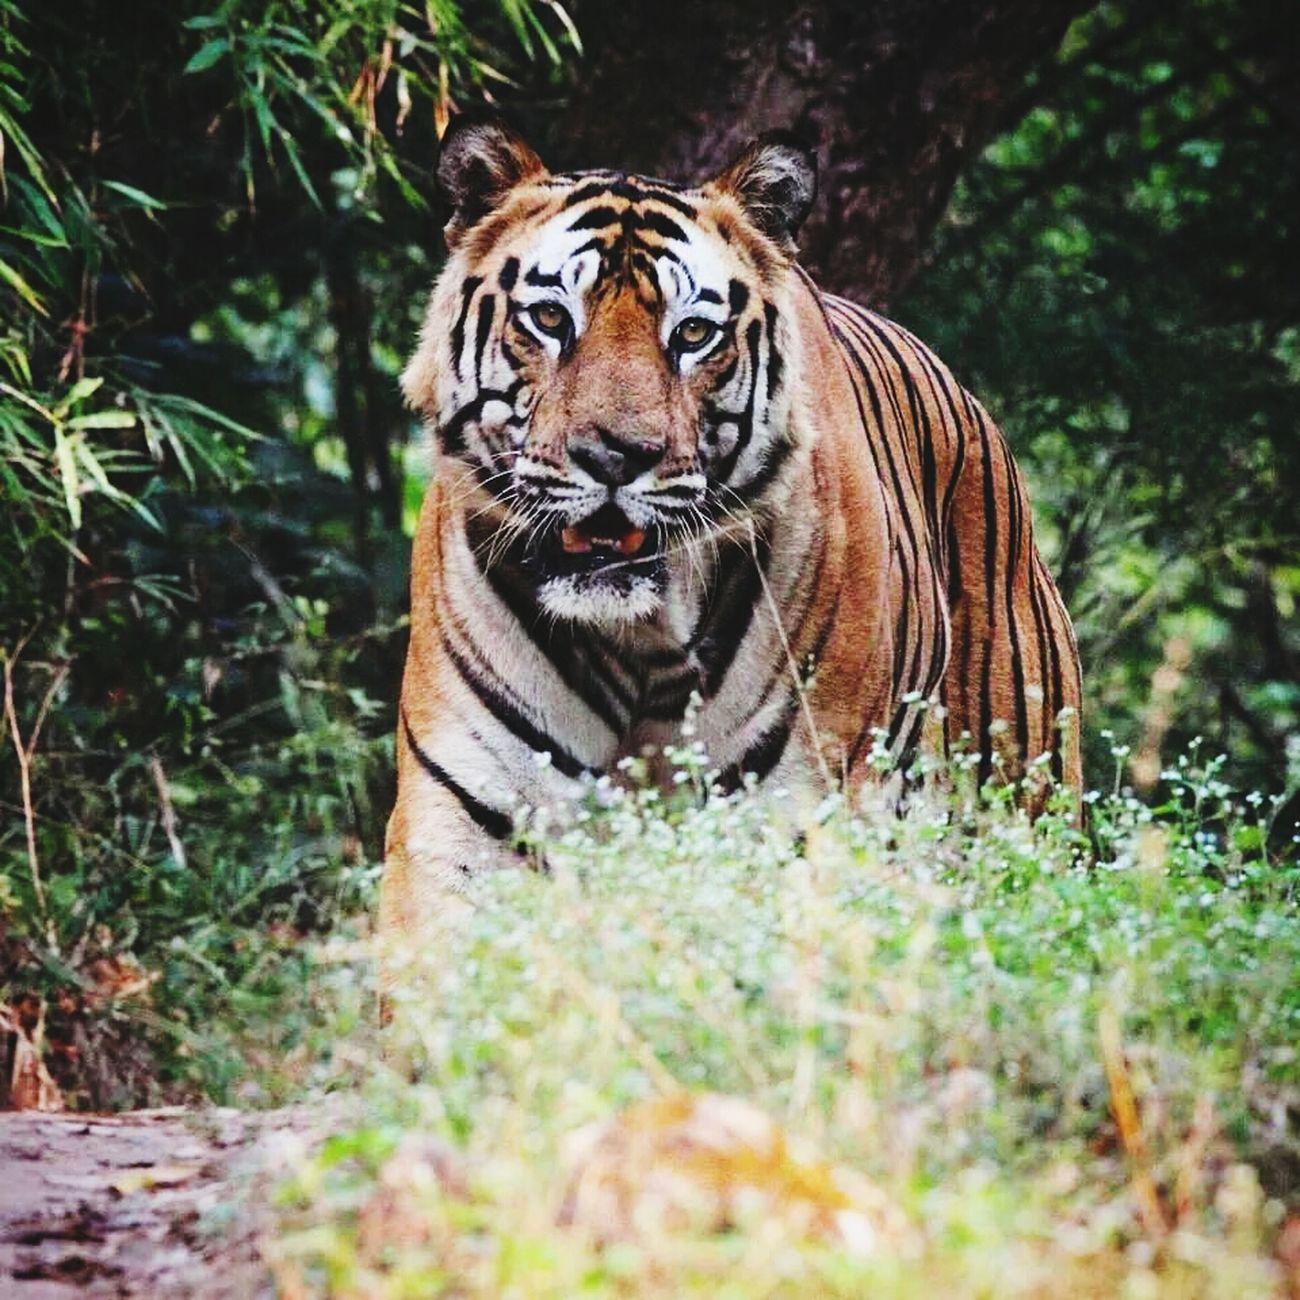 Bigcat Tiger Bandavgragh Wildlife